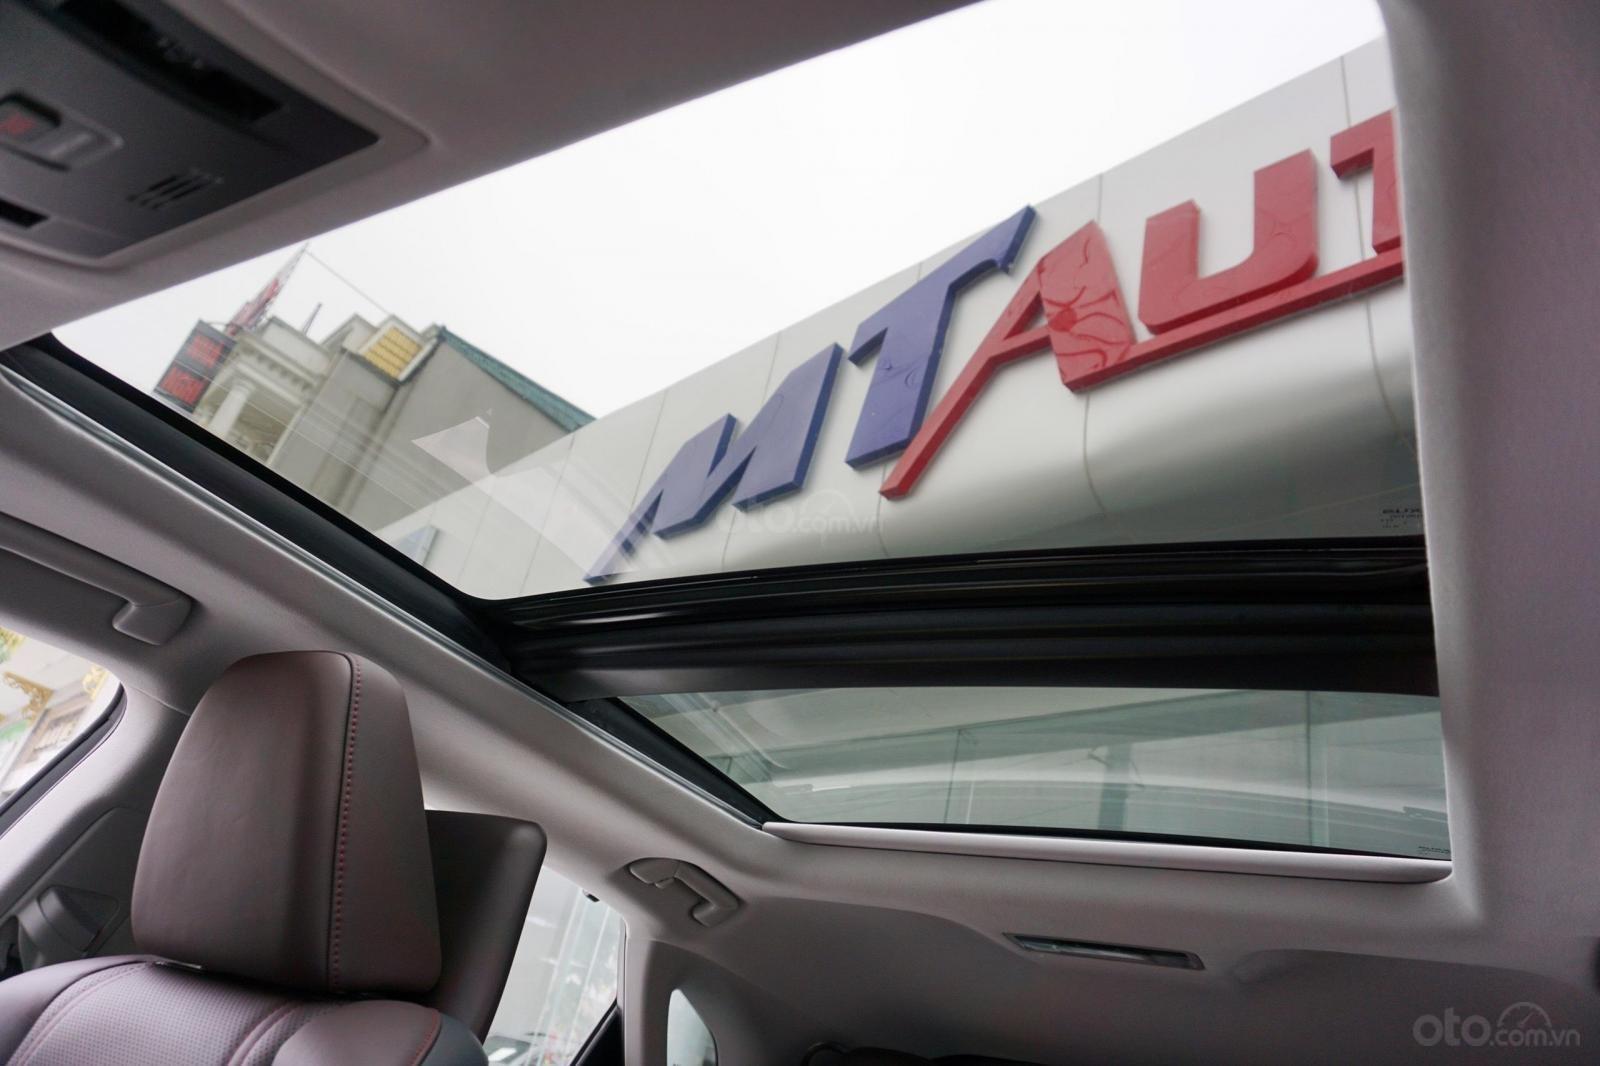 Bán ô tô Lexus RX 350 SX 2019, xe nhập Mỹ full kịch options, giá tốt, giao ngay toàn quốc, LH 093.996.2368 Ms Ngọc Vy (14)